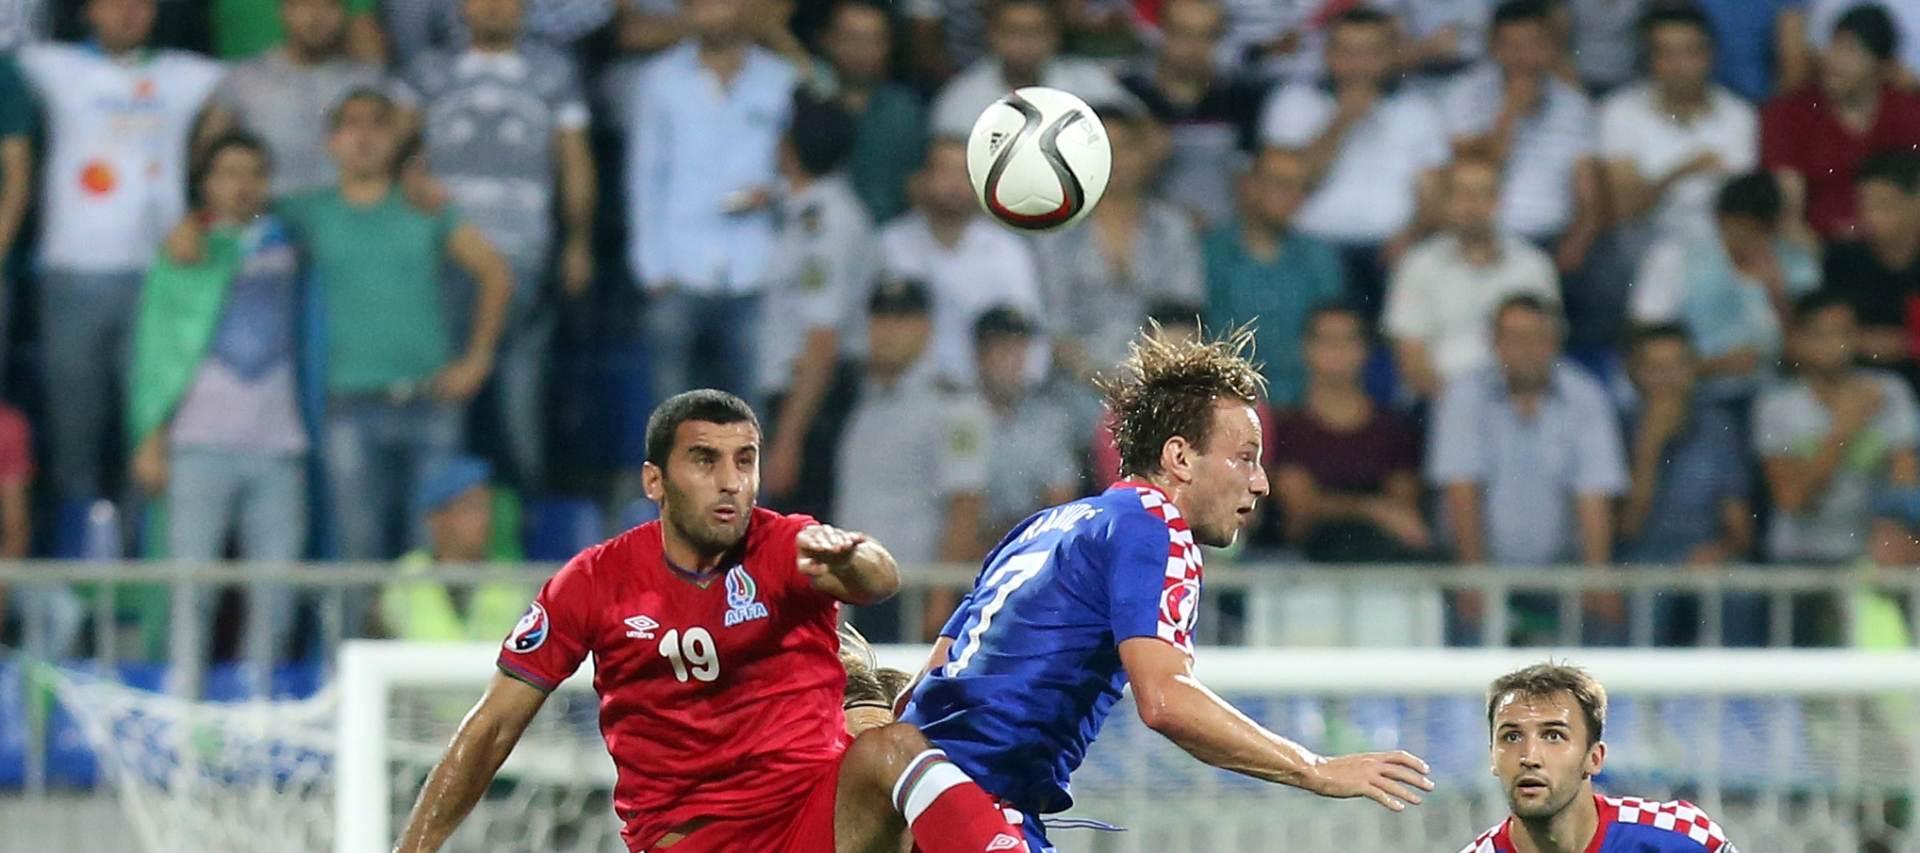 Azerbajdžan – Hrvatska 0-0:  Neprecizna Hrvatska nije uspjela svladati Azerbajdžan